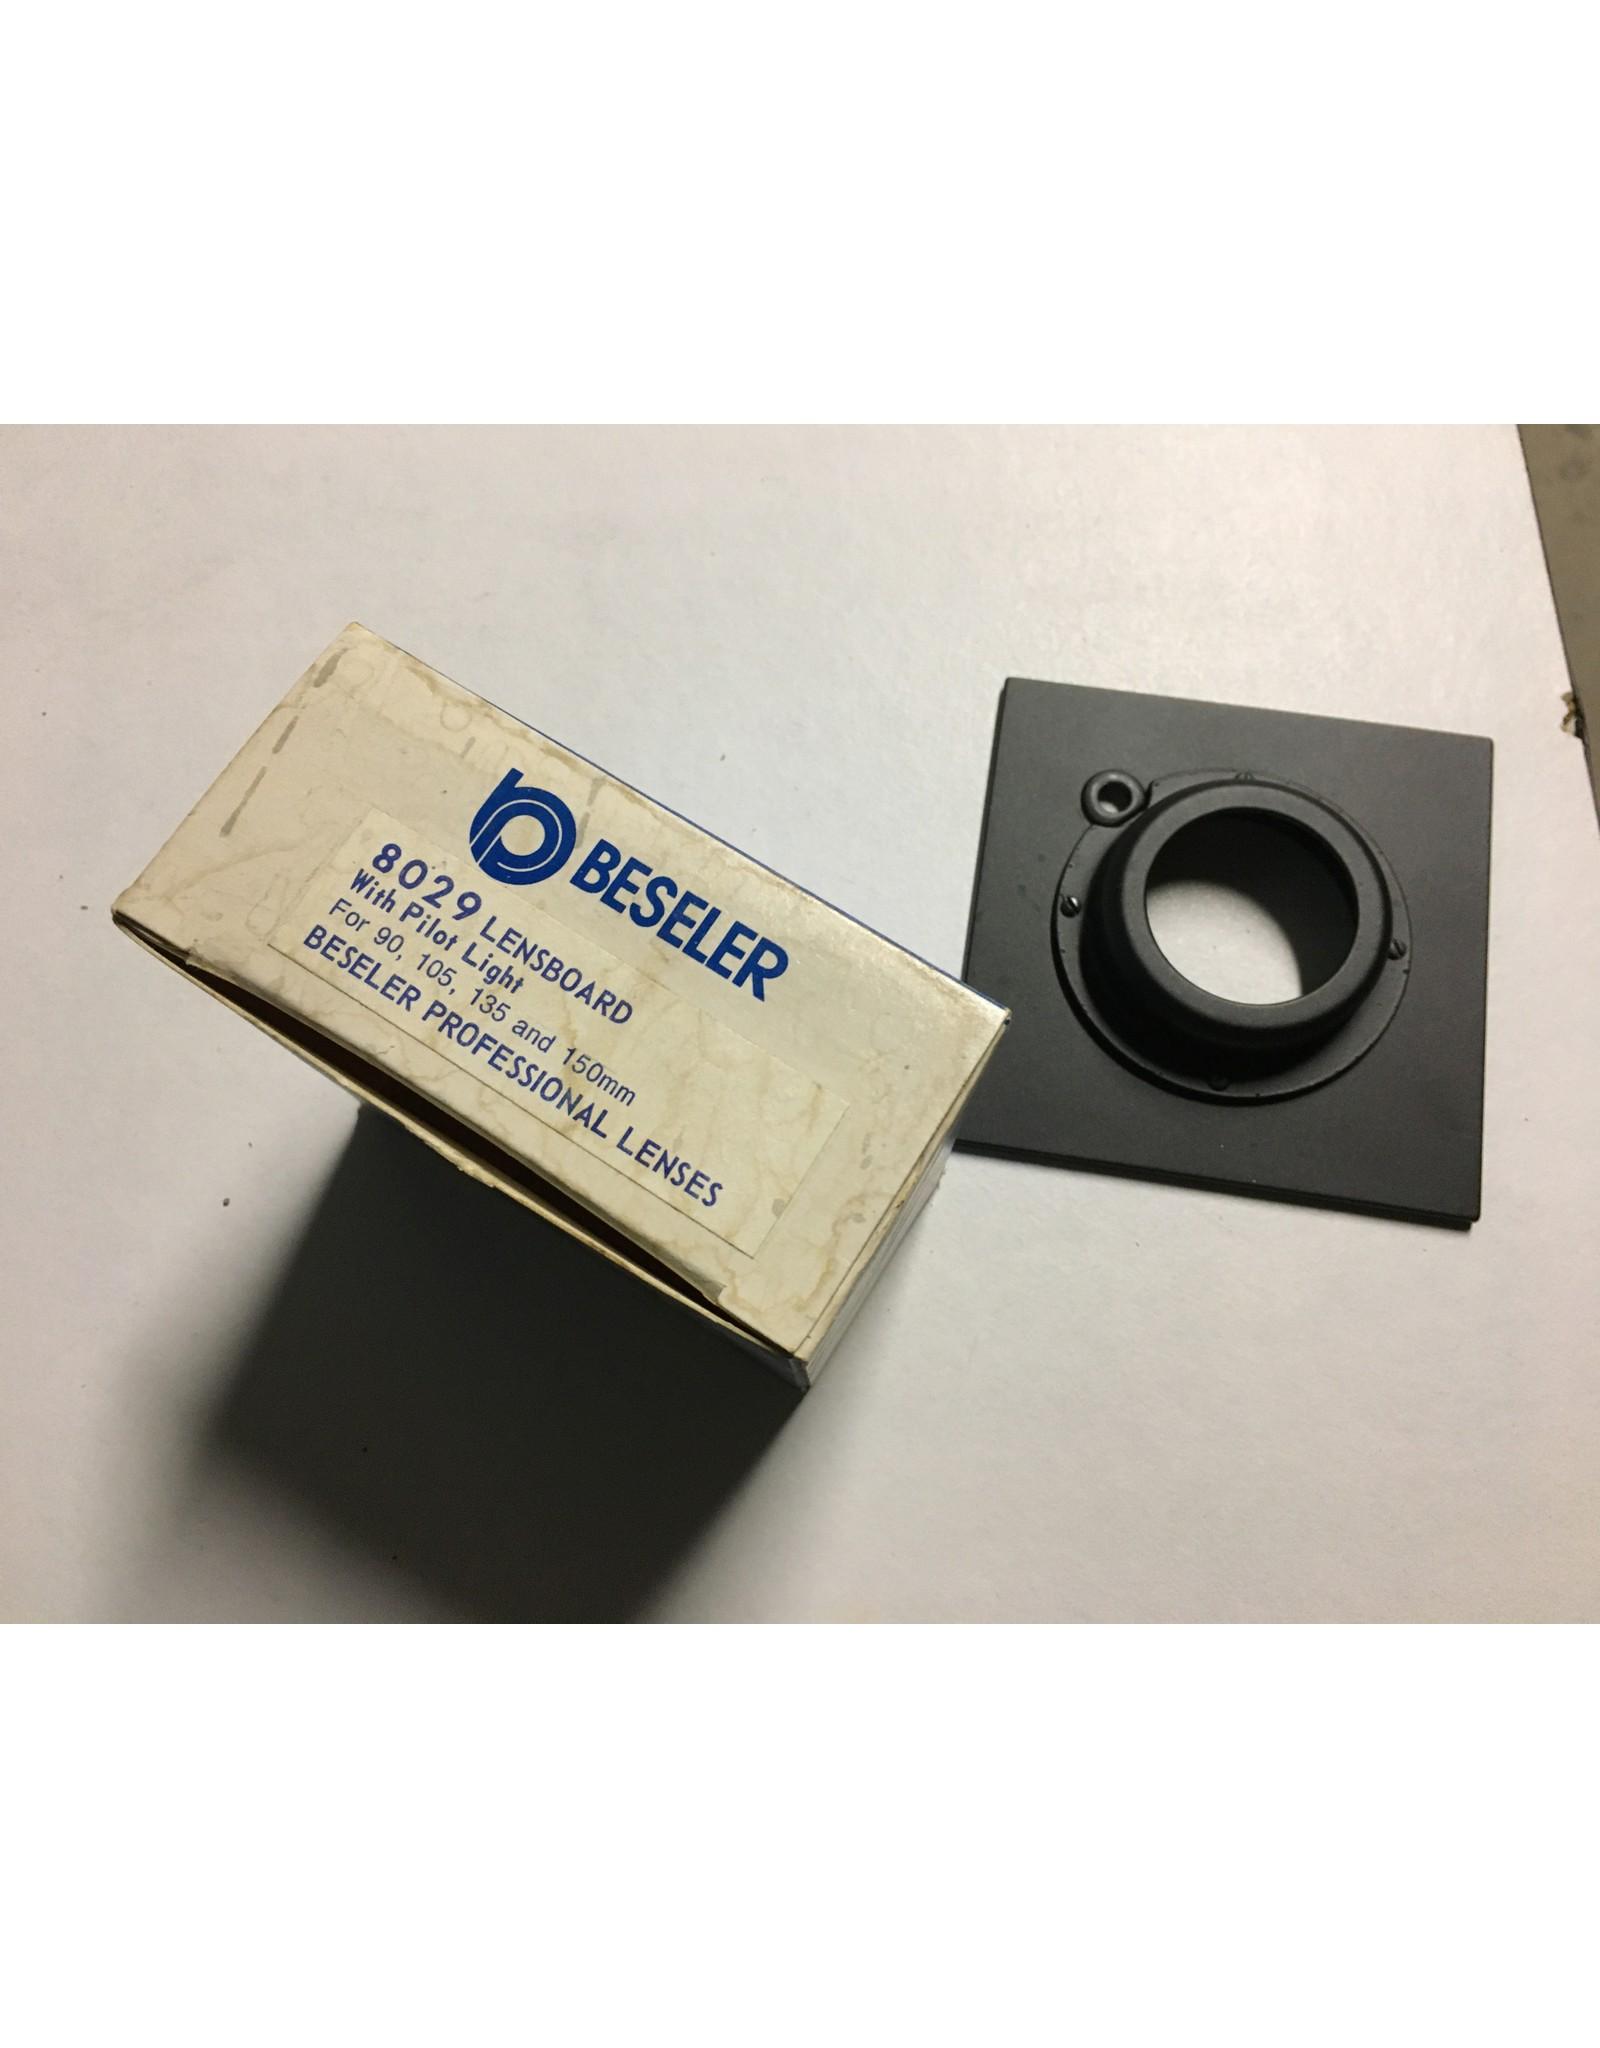 Beseler Beseler Lens Board #8029